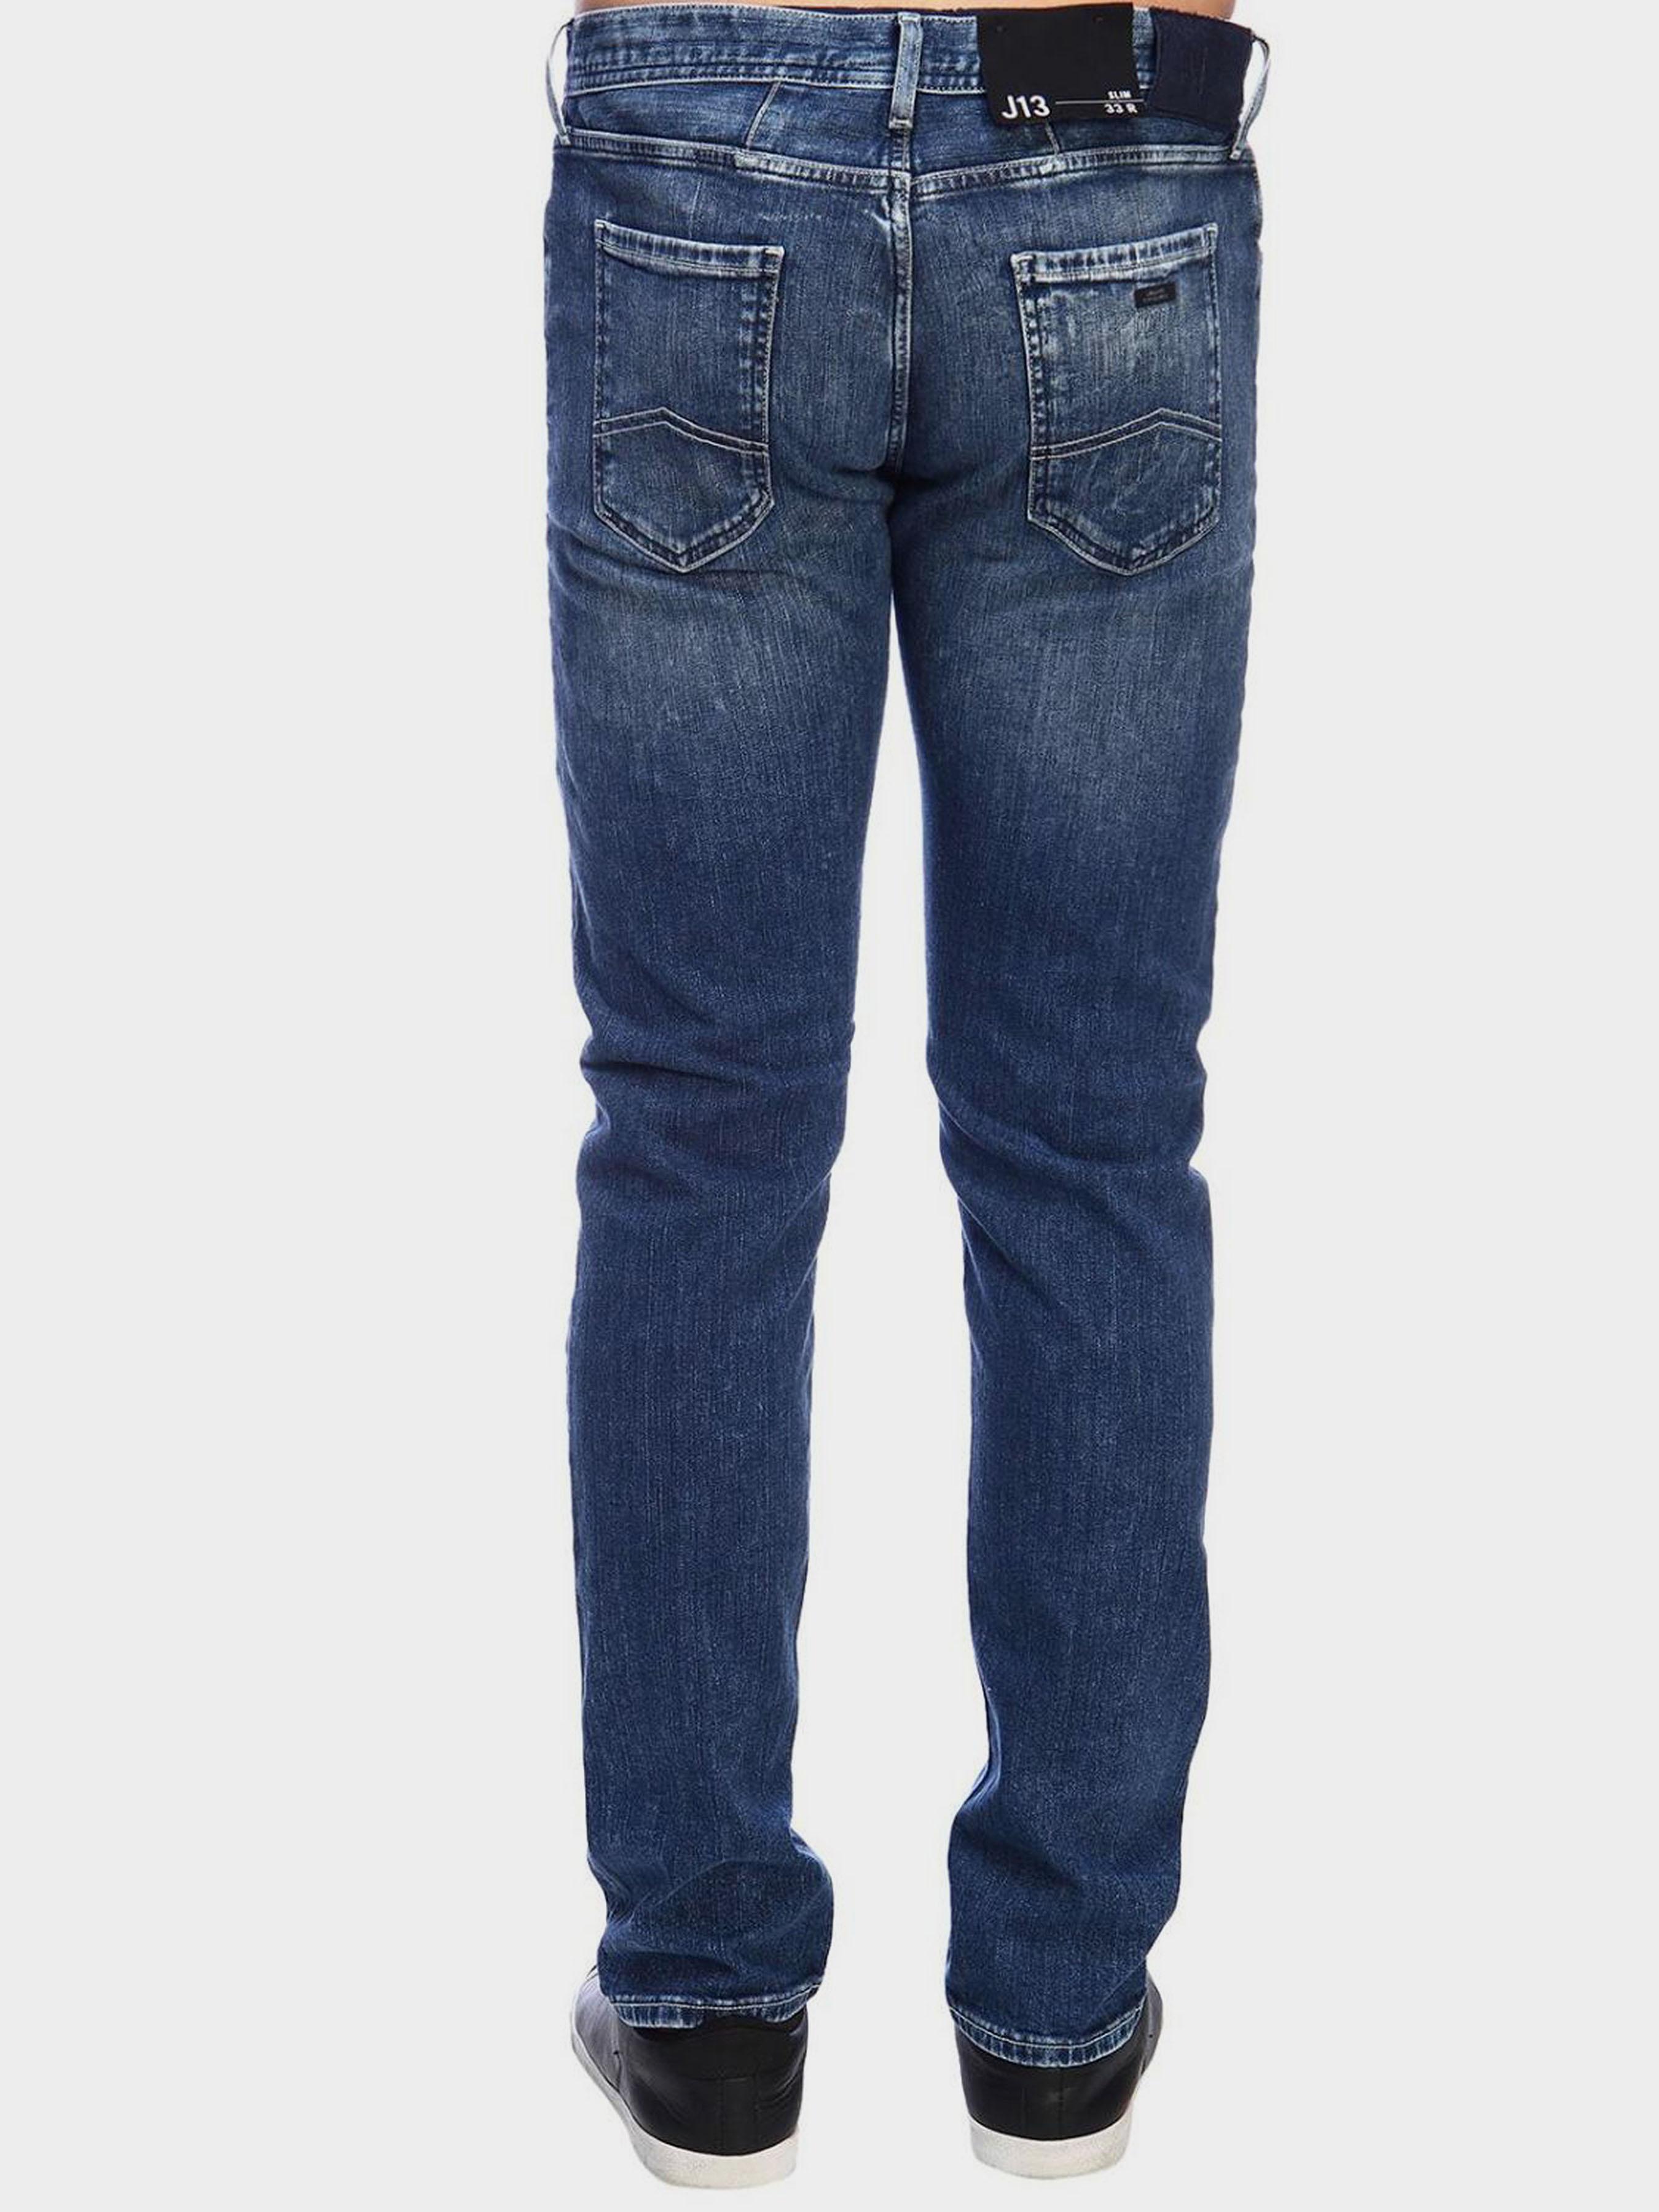 Джинсы мужские Armani Exchange модель WH2133 цена, 2017